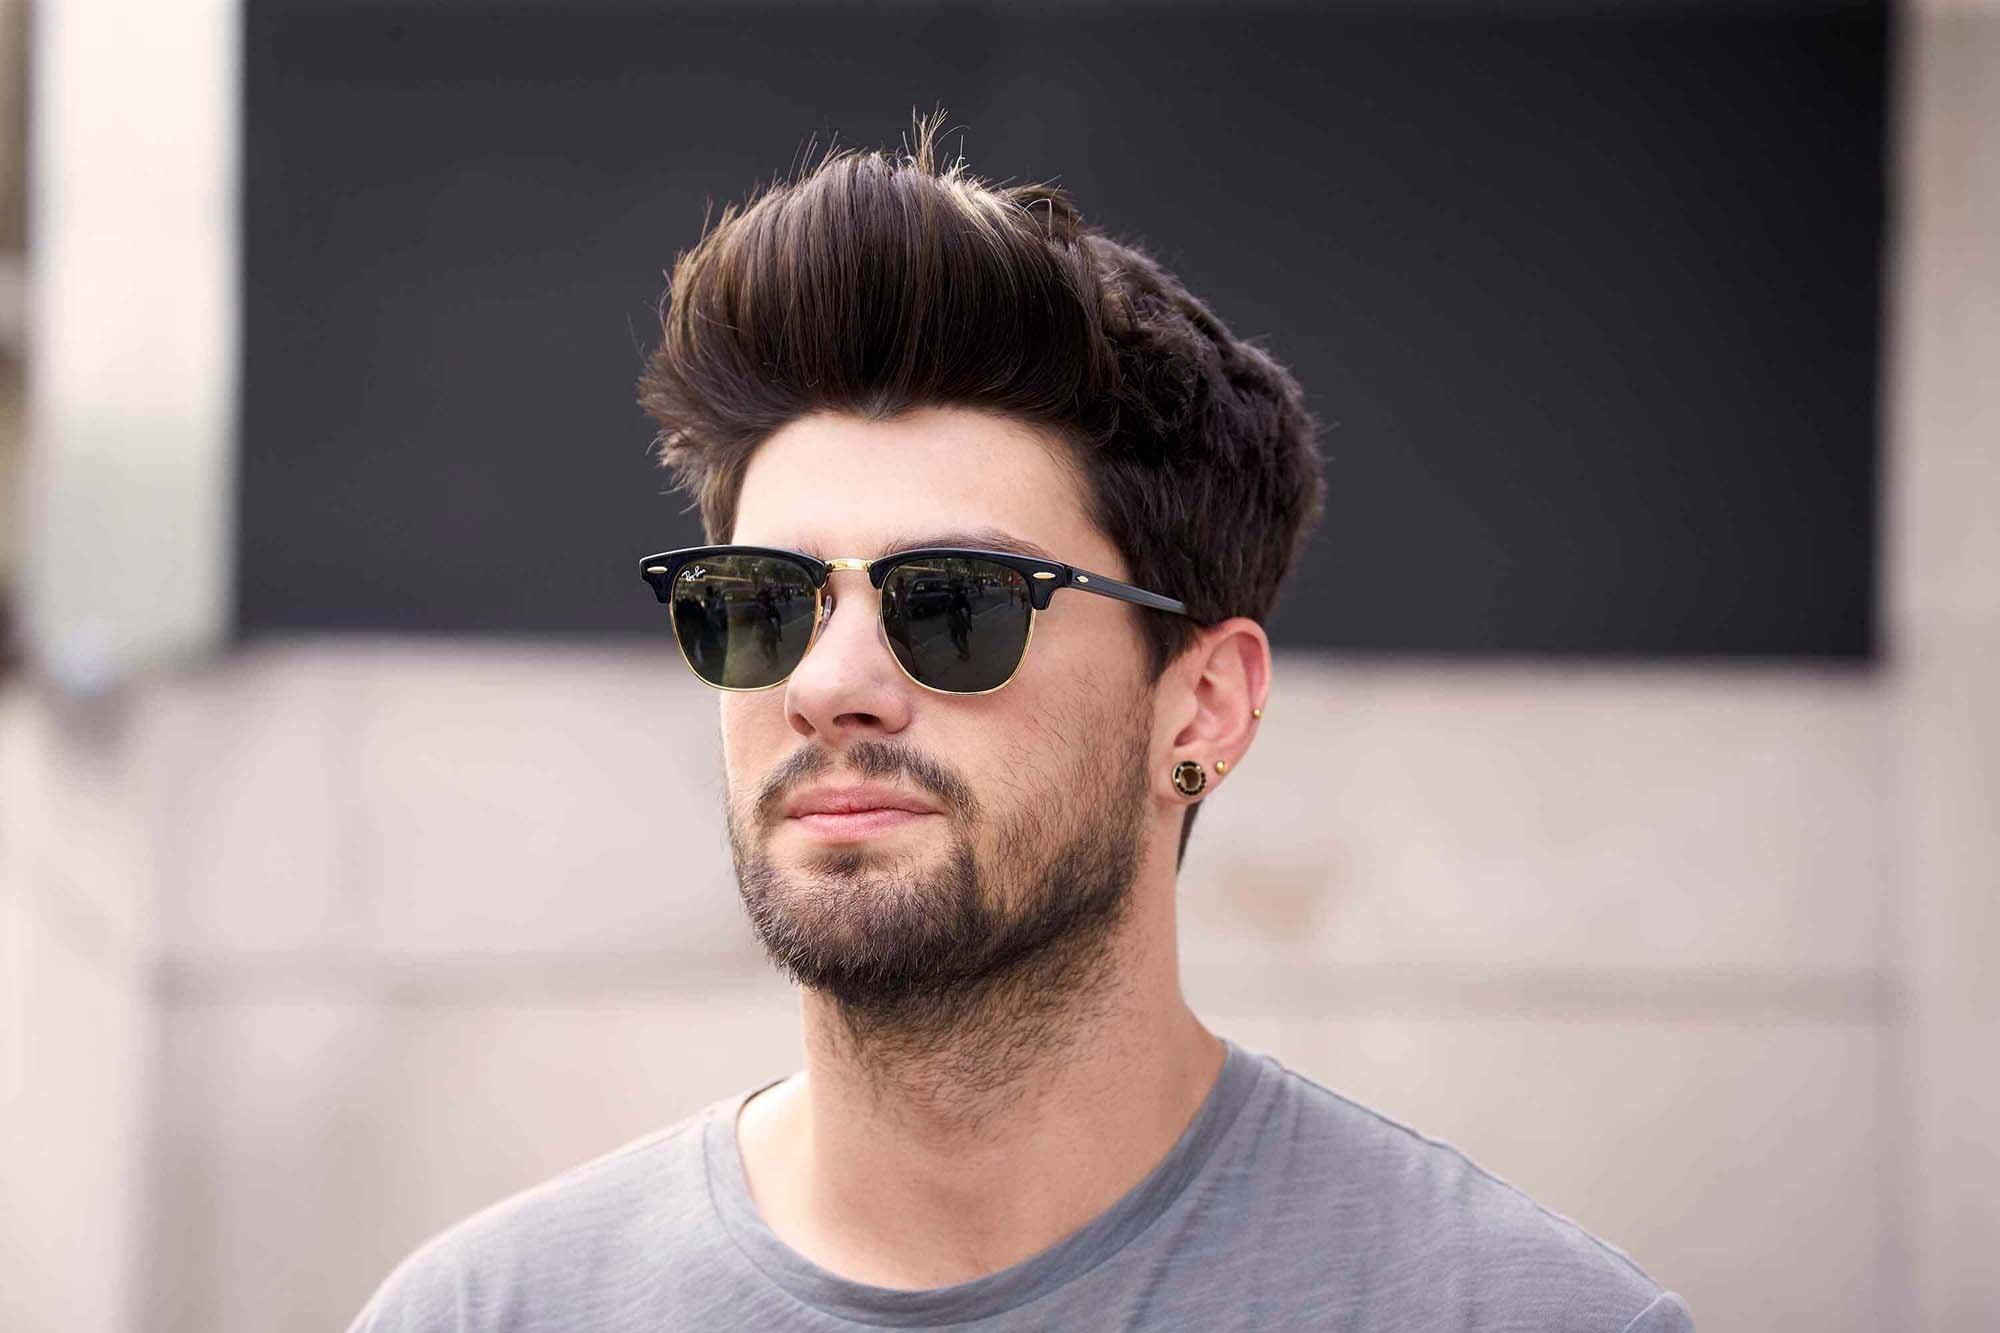 Varios peinados peinados hombres Fotos de consejos de color de pelo - Peinados para hombres clásicos que se impondrán en 2021